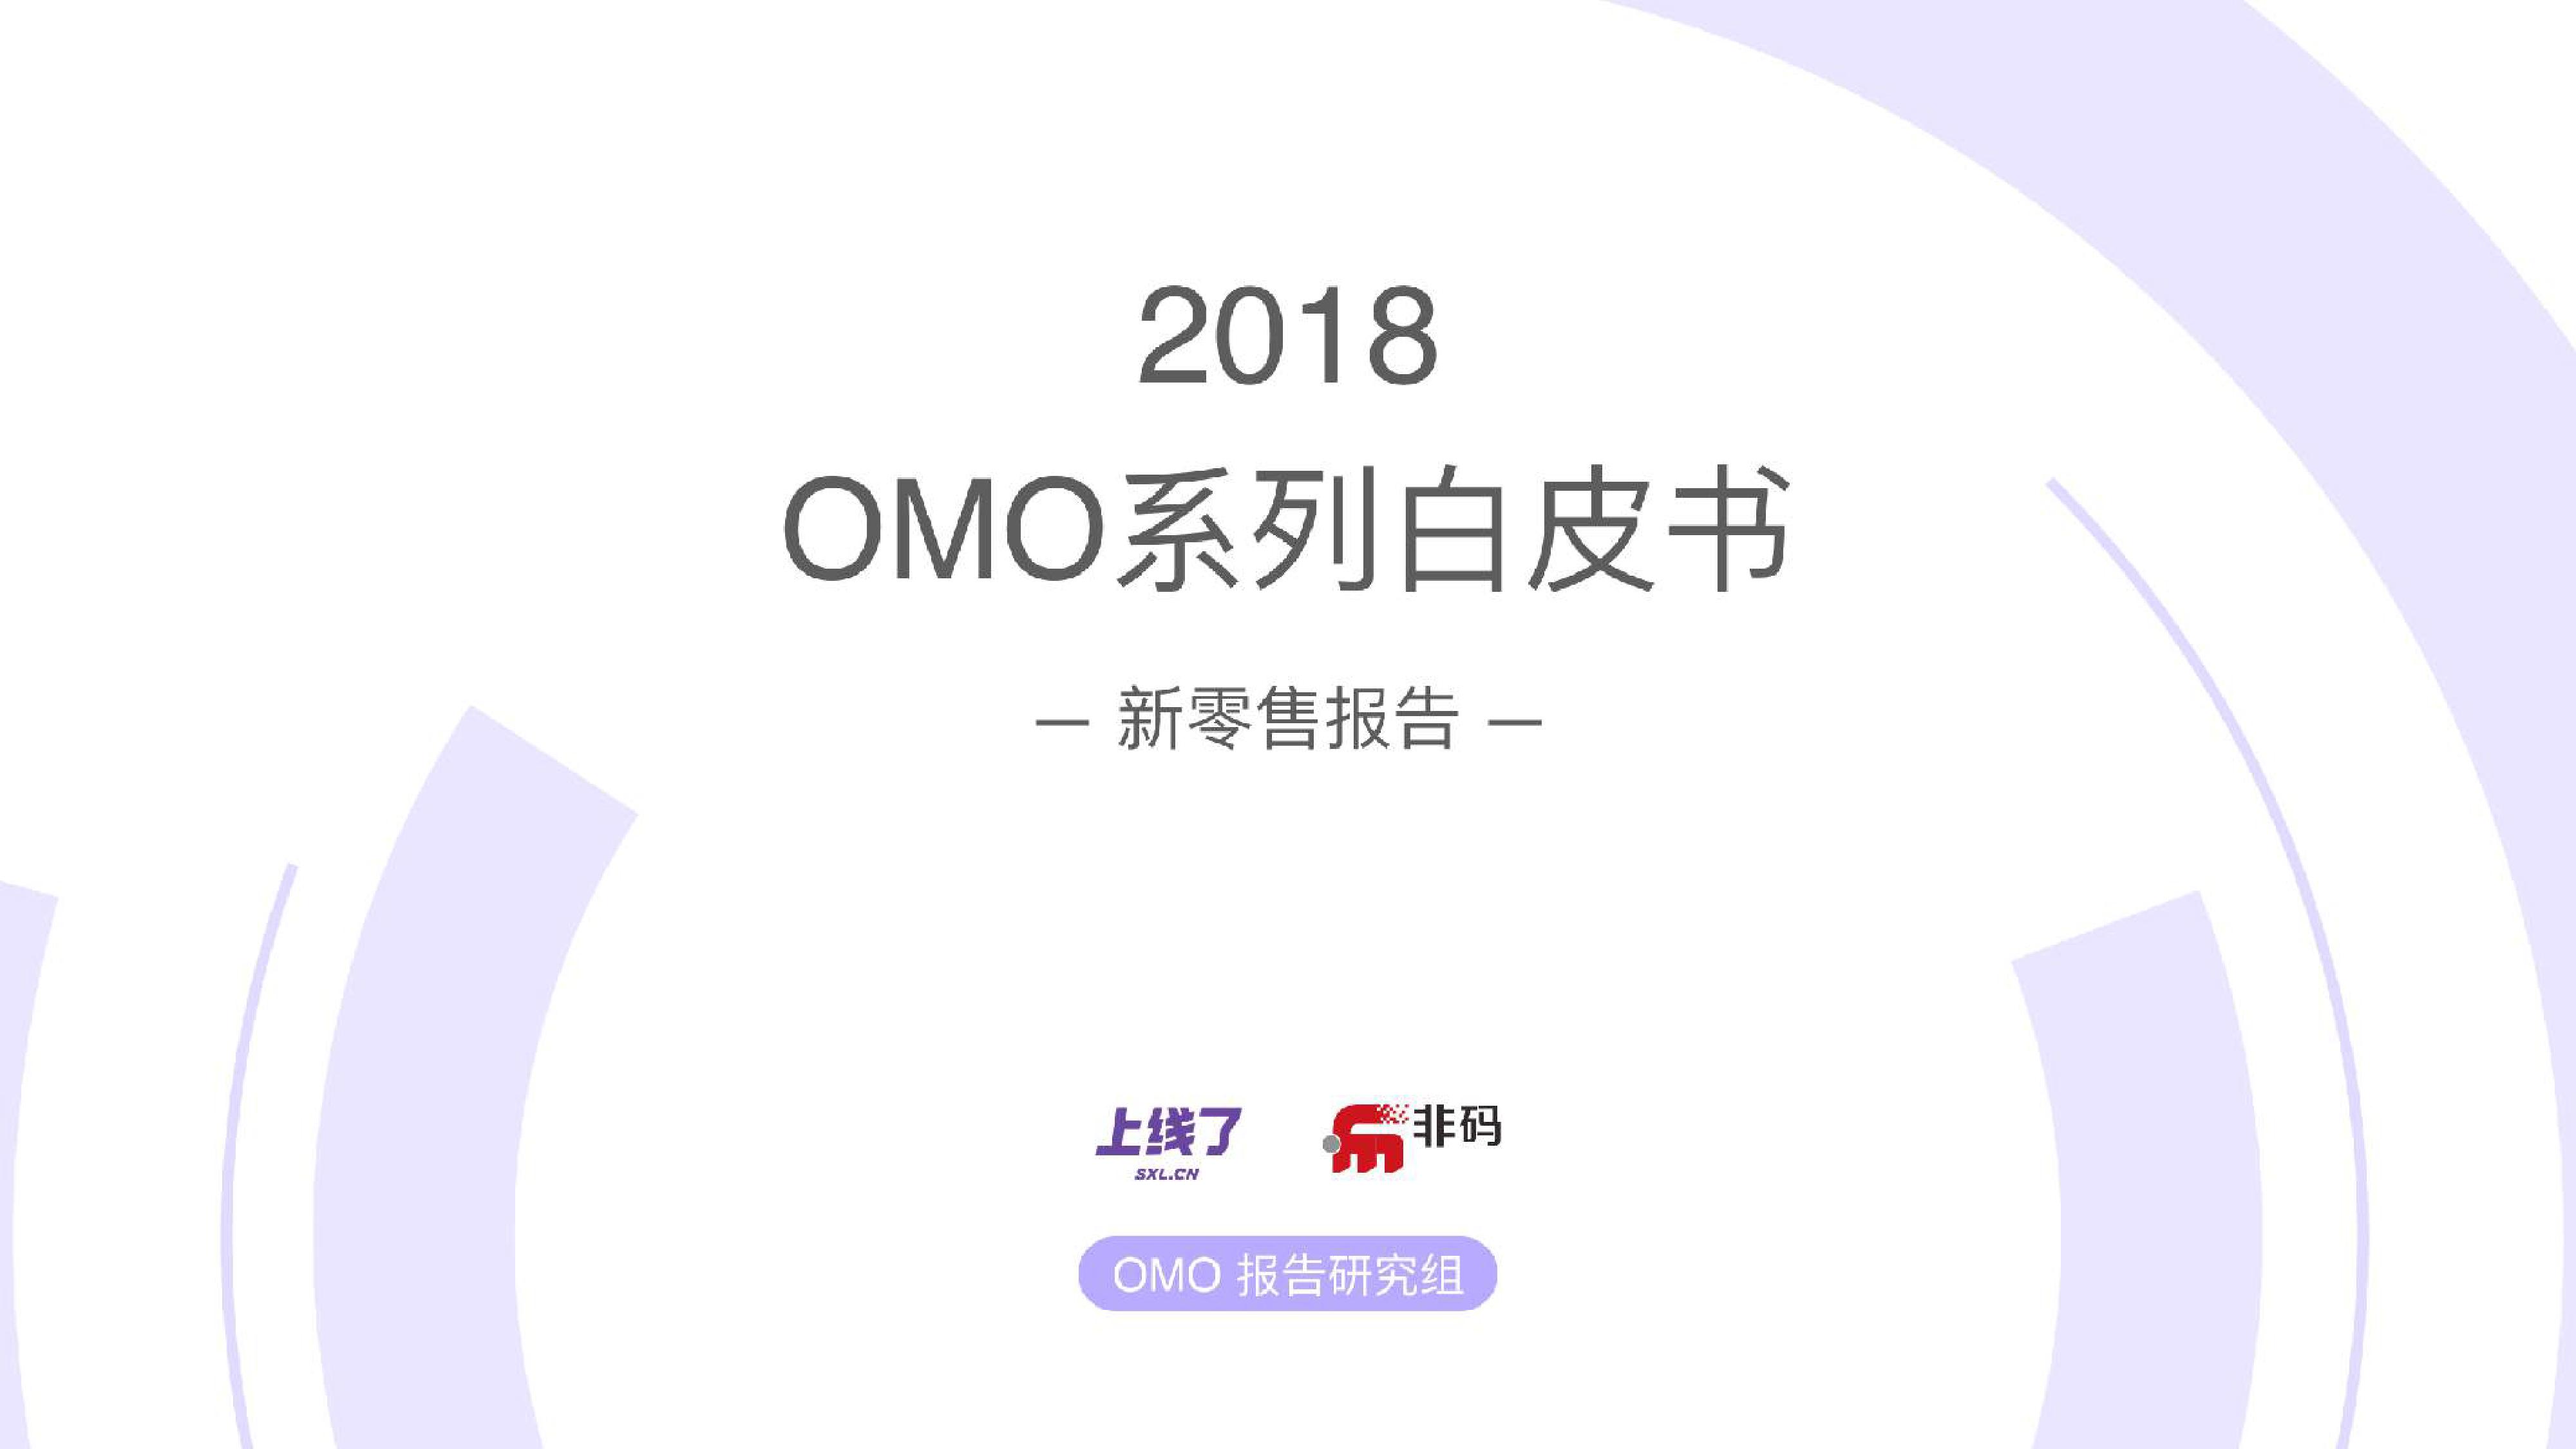 2018年OMO系列白皮书之新零售报告(附下载)